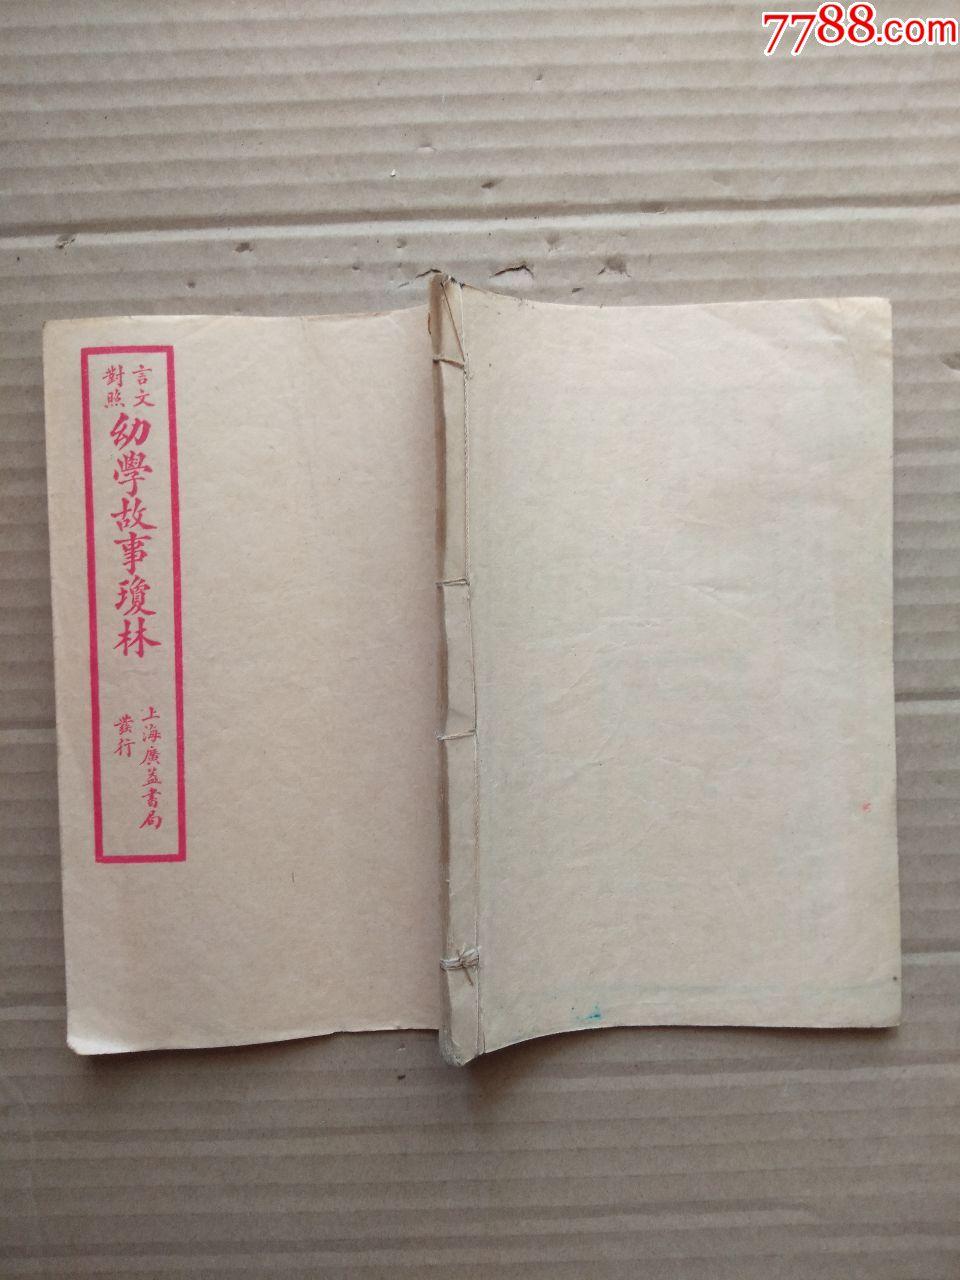 民国16年广益书局言文对照幼学故事琼林(卷一、卷三、卷四)3册合售(se67202420)_